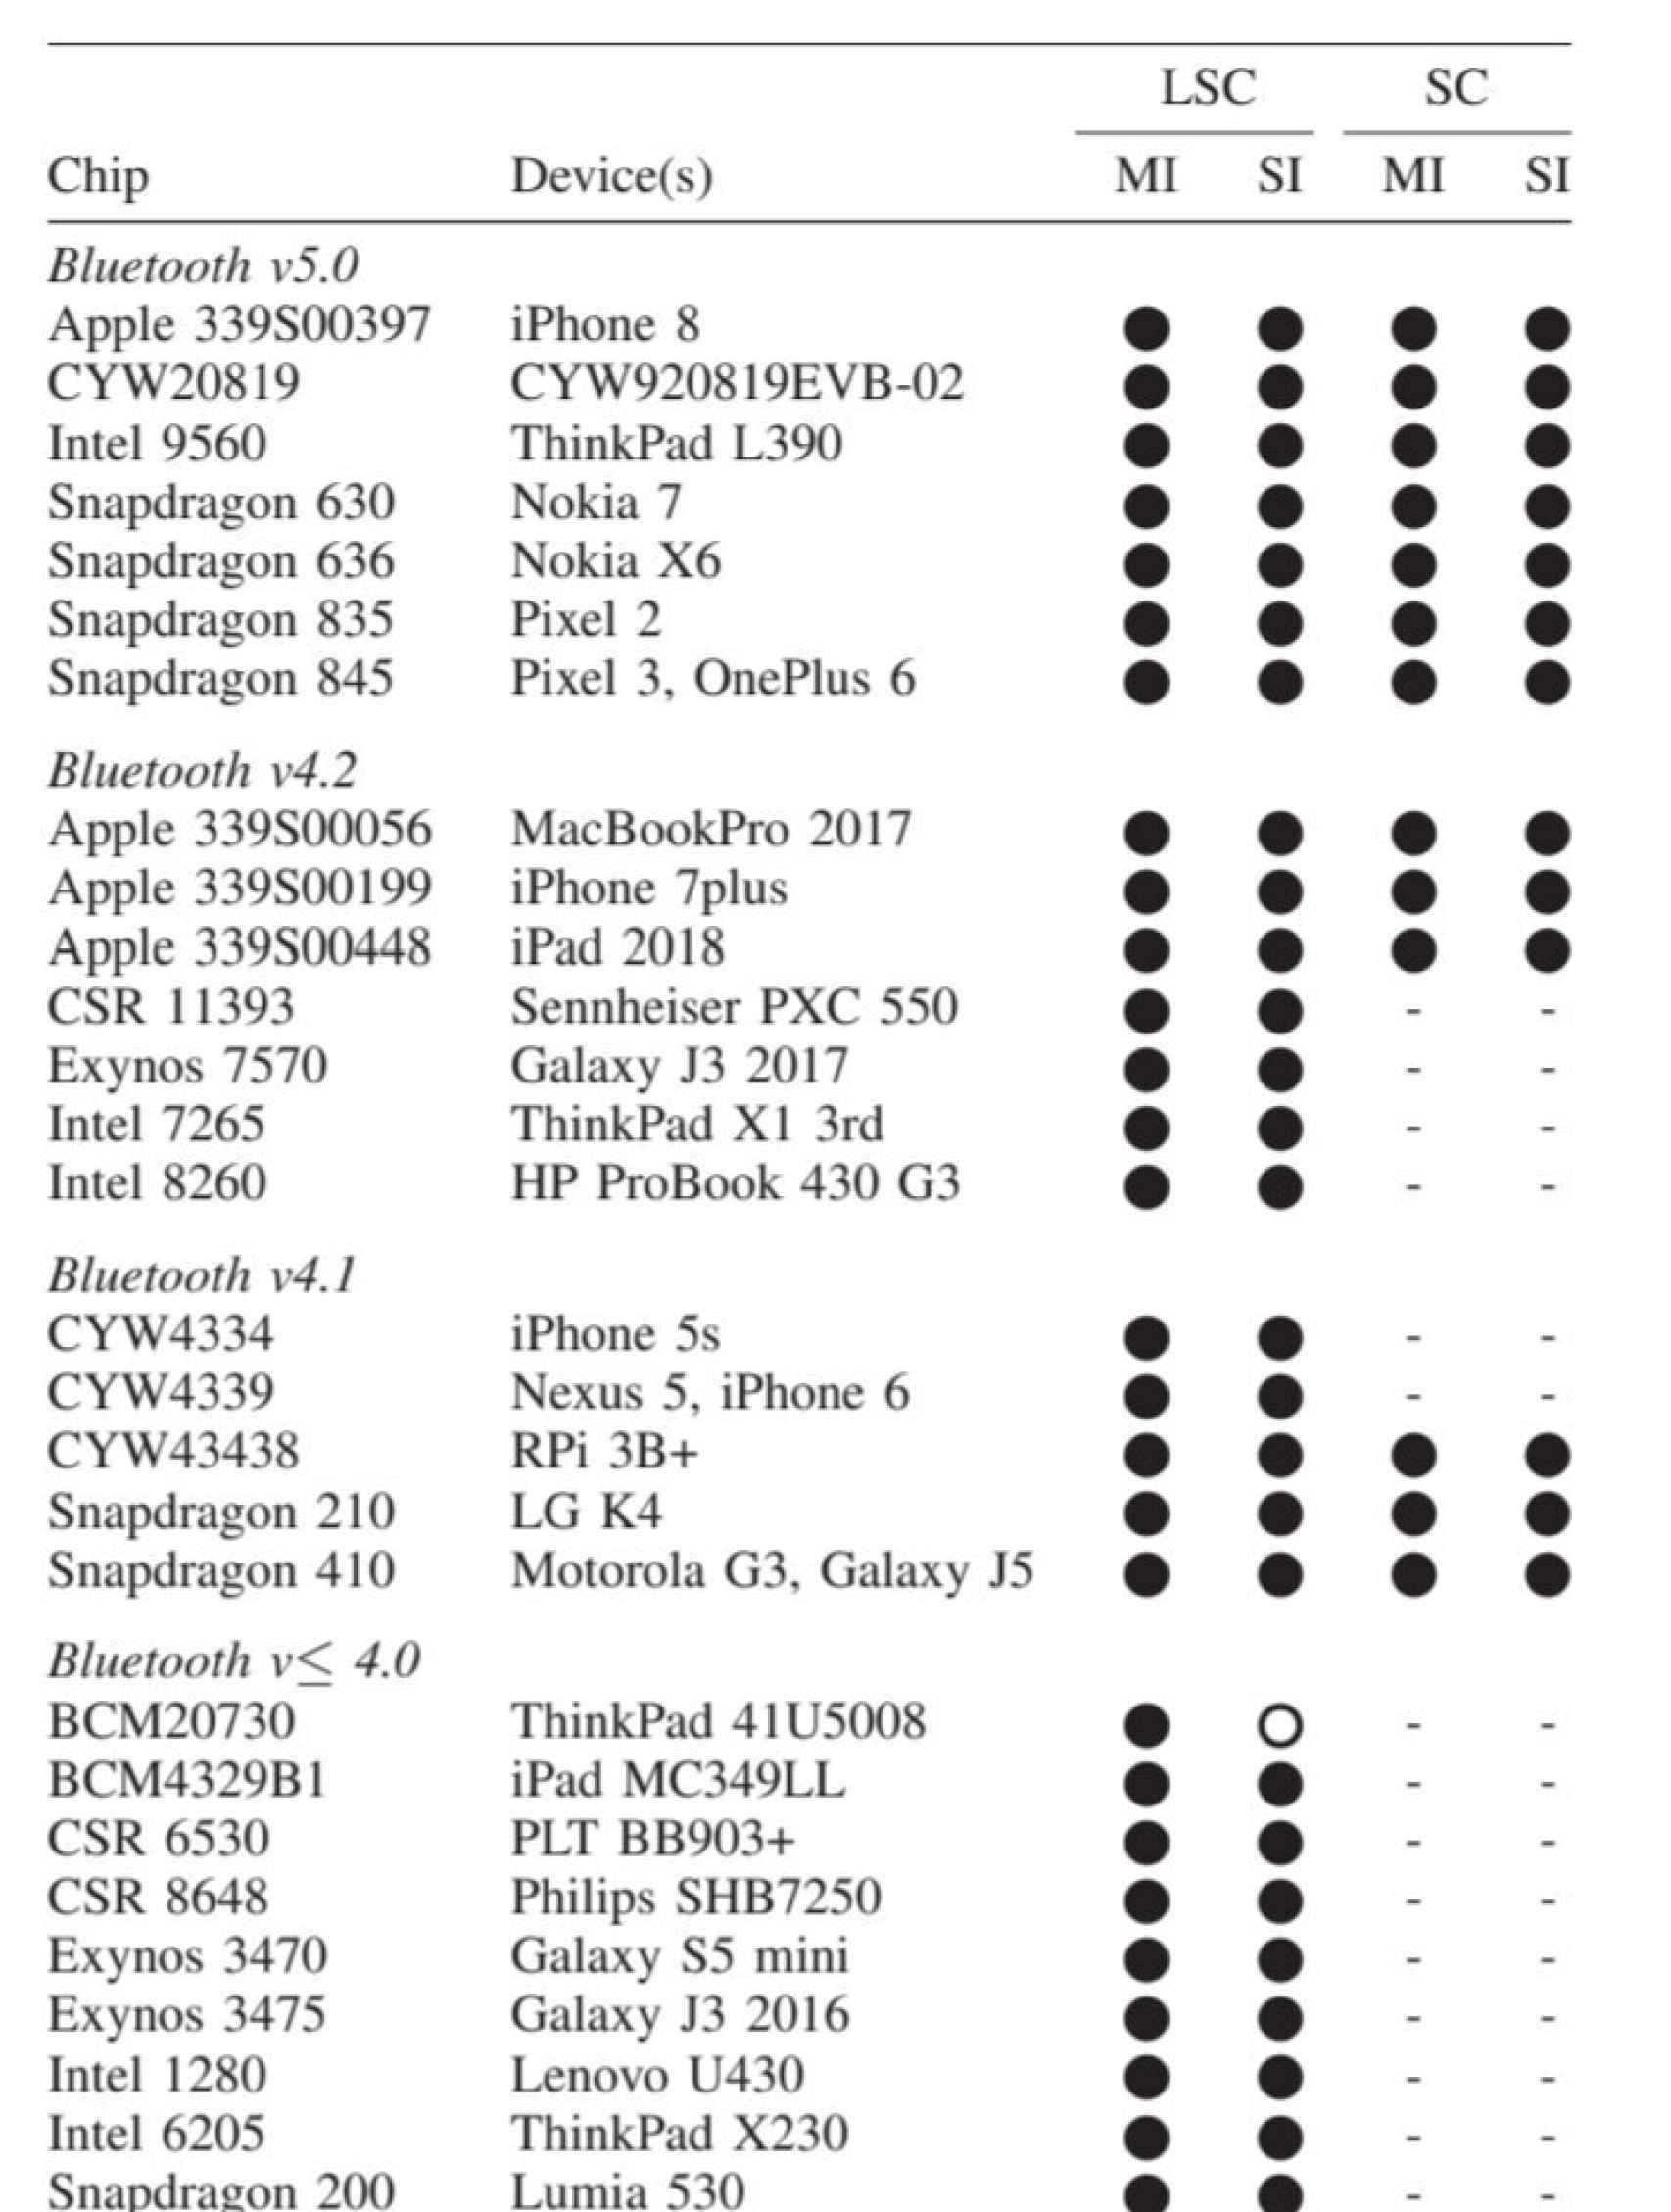 Lista de dispositivos probados con la vulnerabilidad Bluetooth